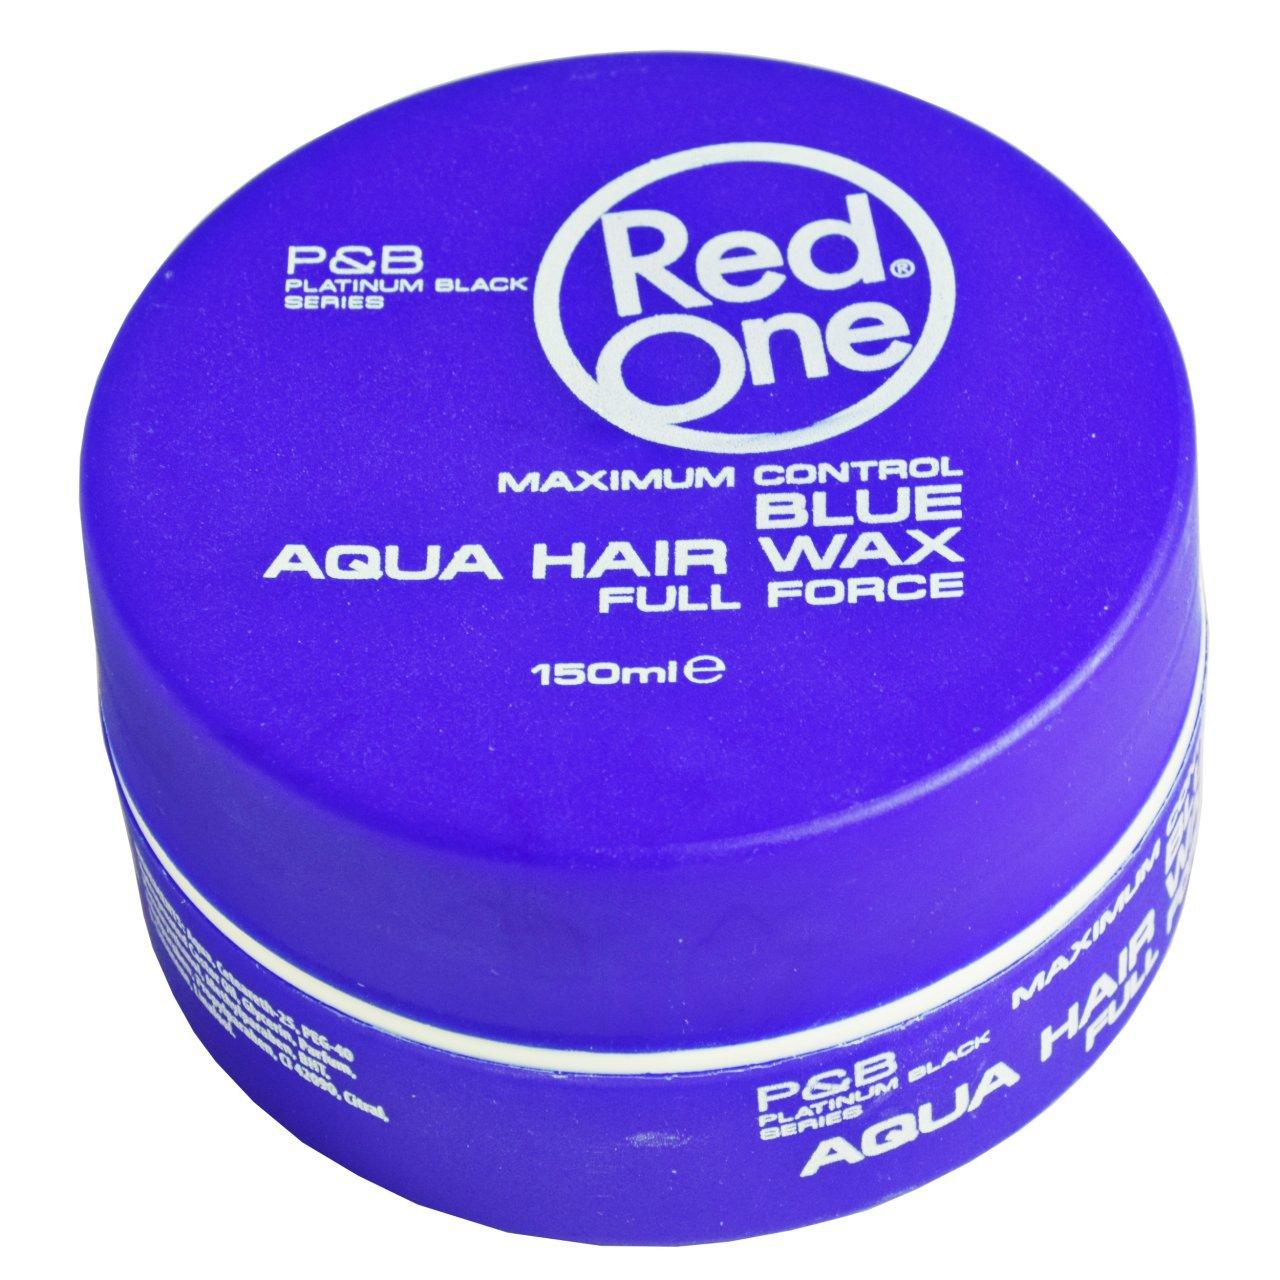 واکس مو رد وان مدل Aqua Blue حجم 150 میلی لیتر